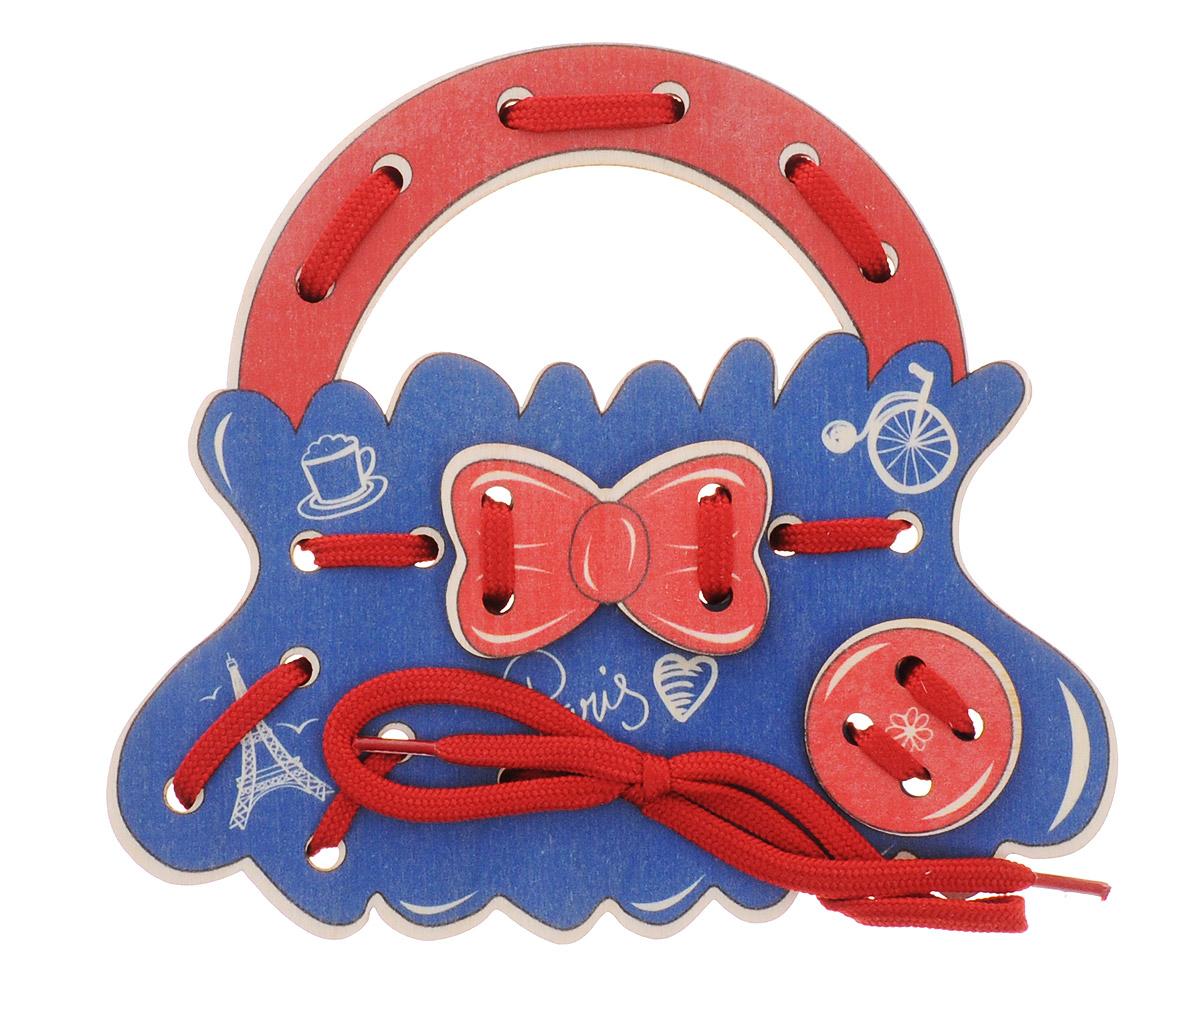 Развивающие деревянные игрушки Шнуровка Сумочка Французская фантазия а круглова а николаев развивающие игры для детей